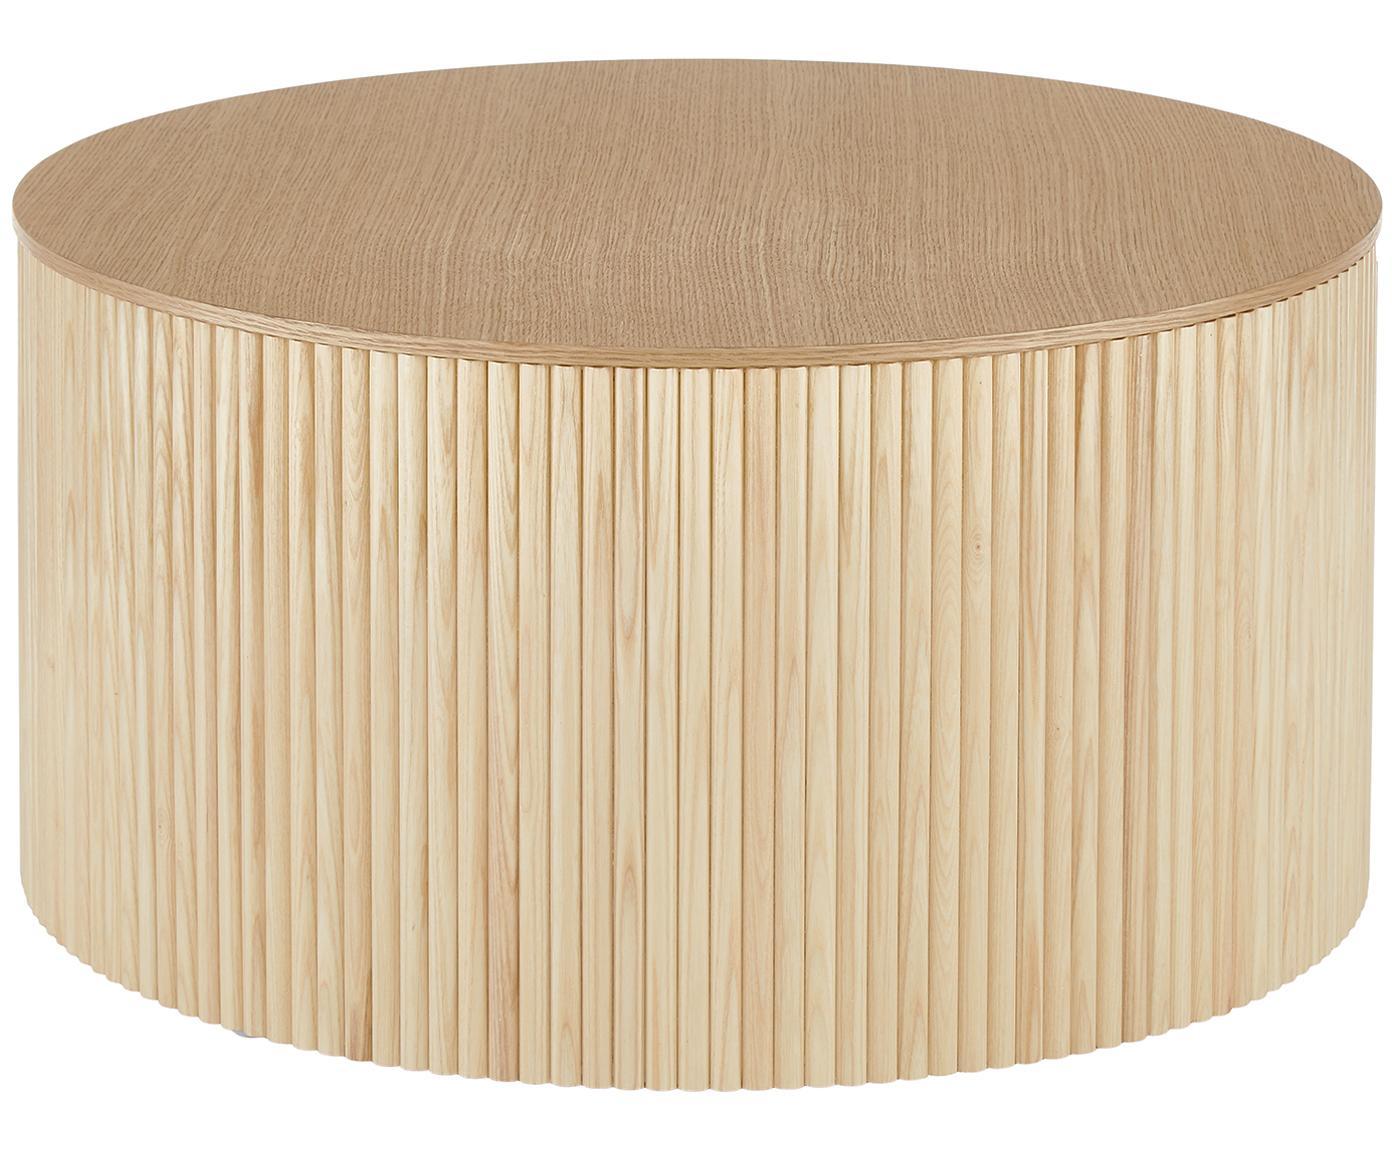 Stolik kawowy z miejscem do przechowywania Nele, Płyta pilśniowa (MDF) z fornirem z drewna jesionowego, Okleina jesionowa, Ø 70 x W 36 cm